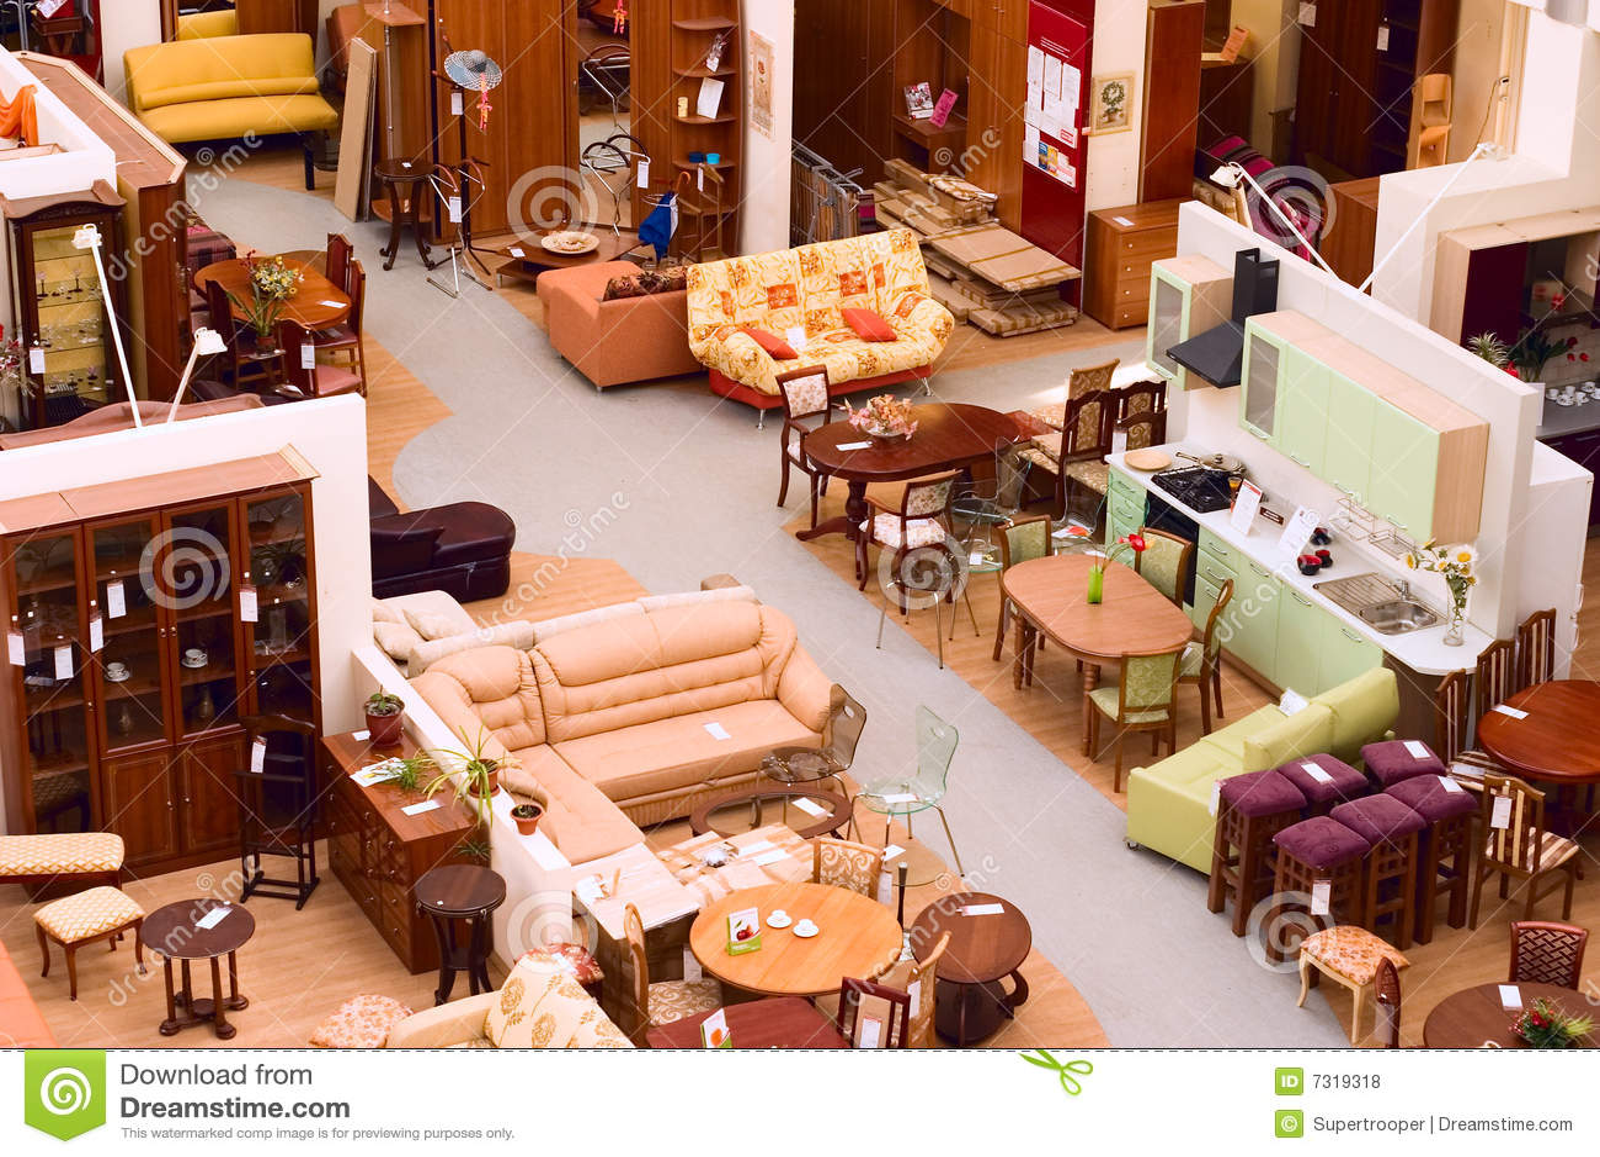 Magasin de meubles